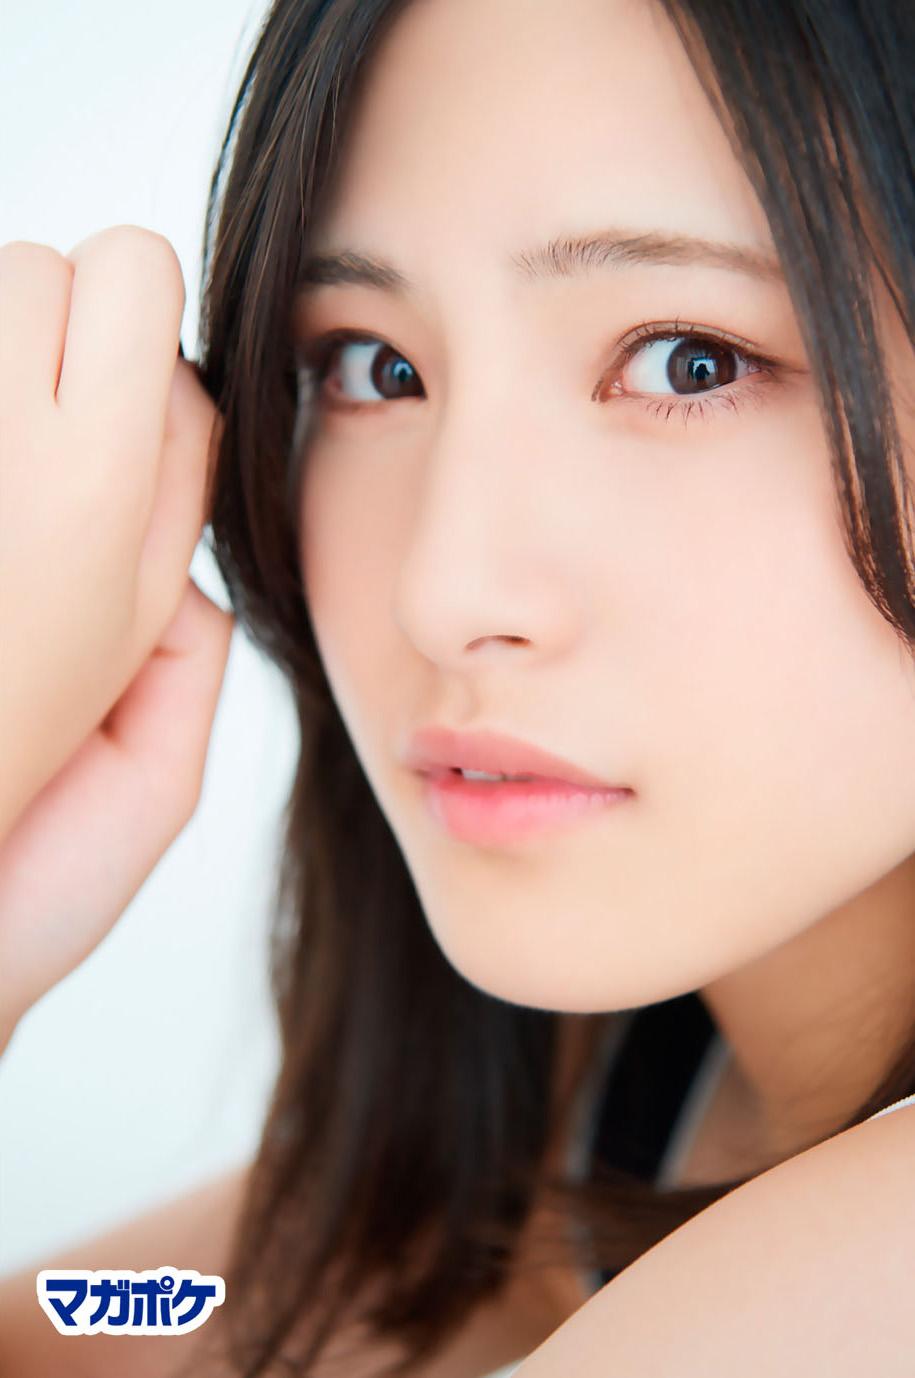 Tanikawa Hijiri 谷川聖, AKB48 Team8 x Weekly Maga Cover Competition